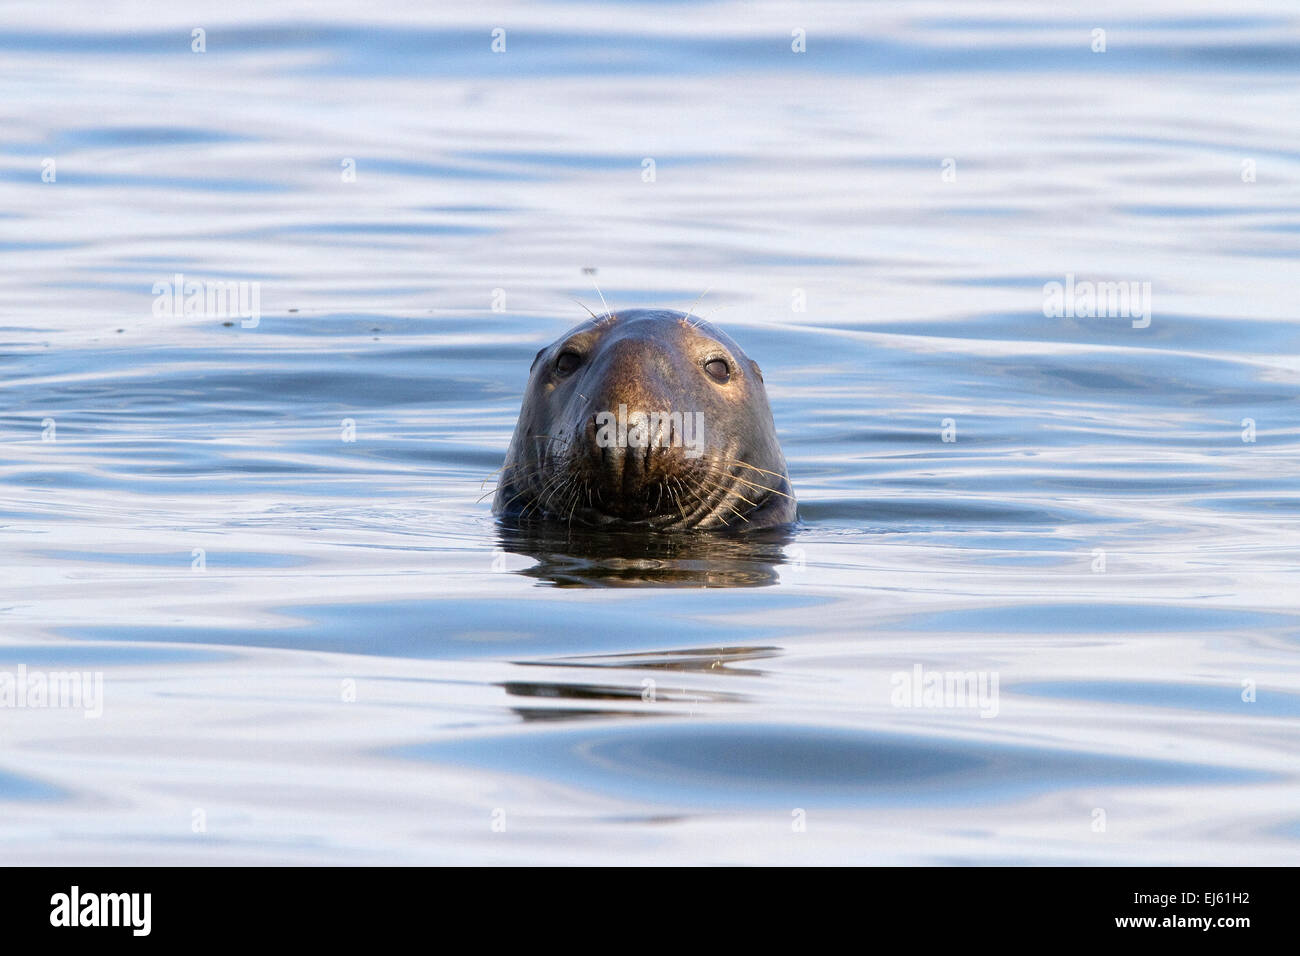 Grey seal face at Cape Cod National Seashore. - Stock Image